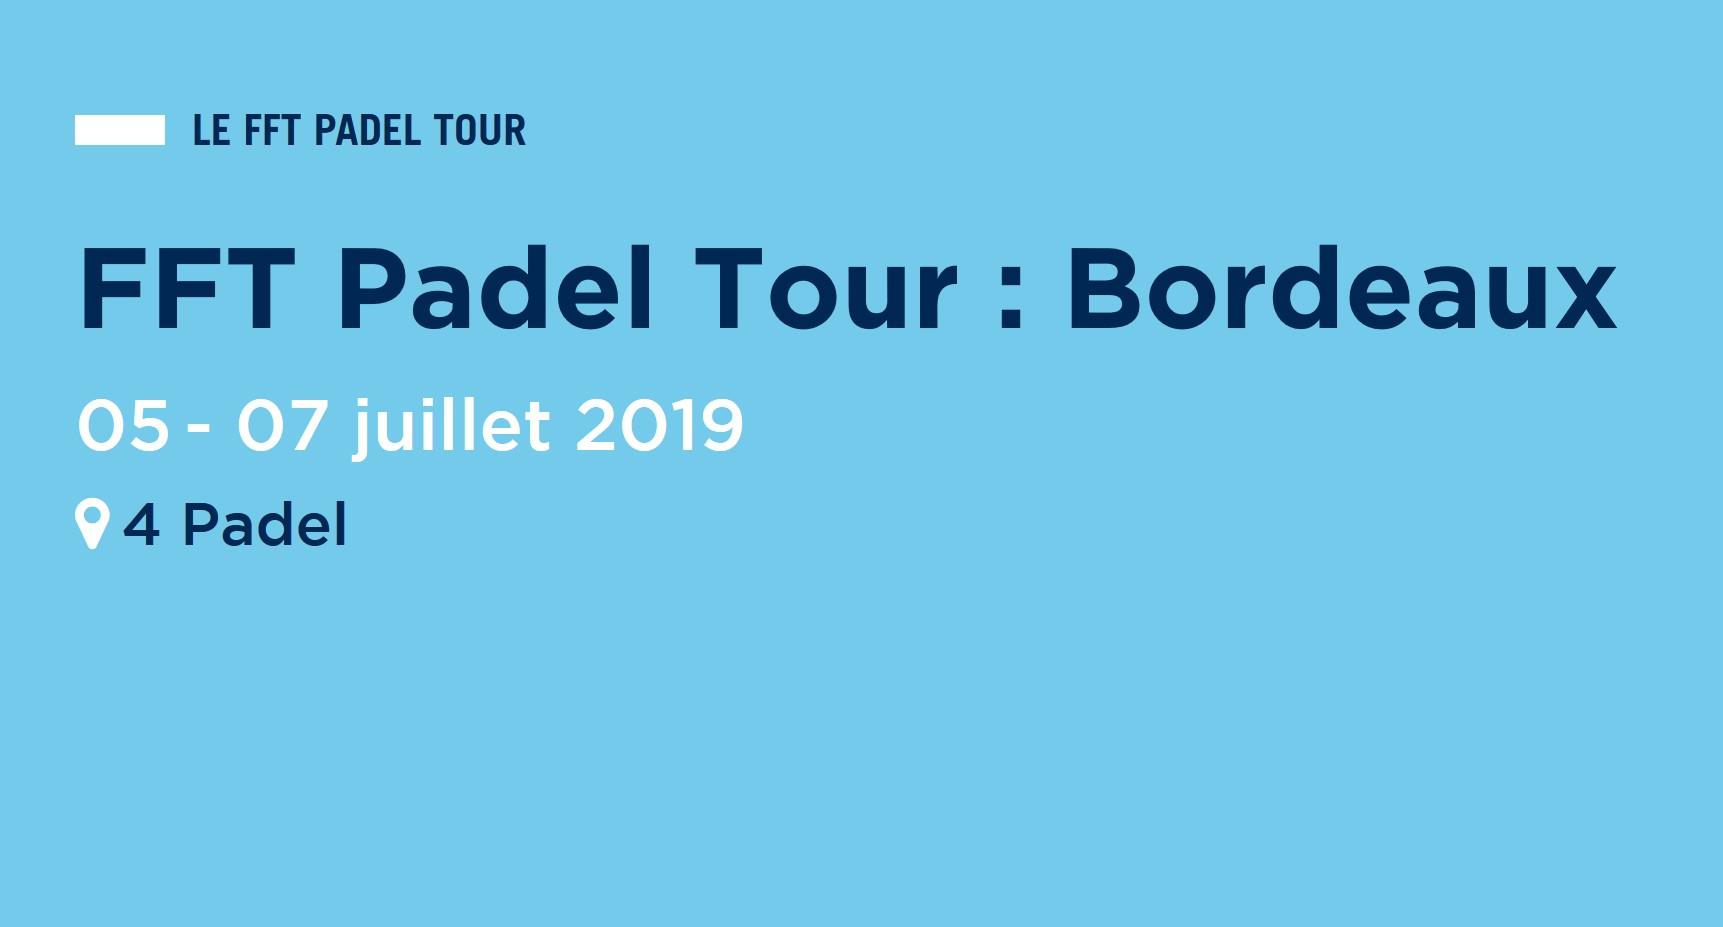 P2000 FFT PADEL TOUR - Bordeaux - Pareggio